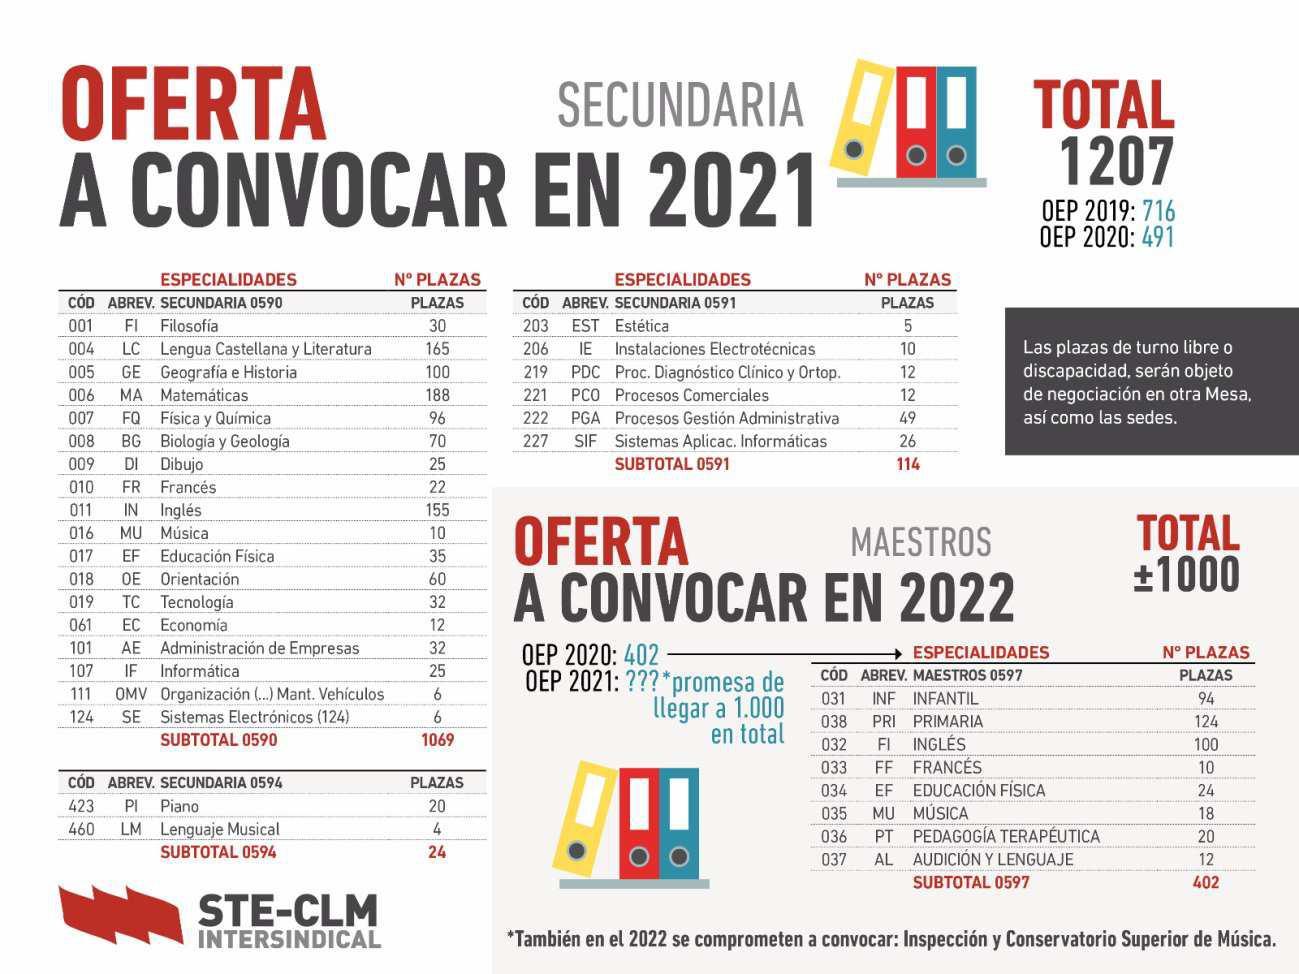 Convocatoria de plazas de Secundaria y de Maestros publicadas para el 2021 y el 2022